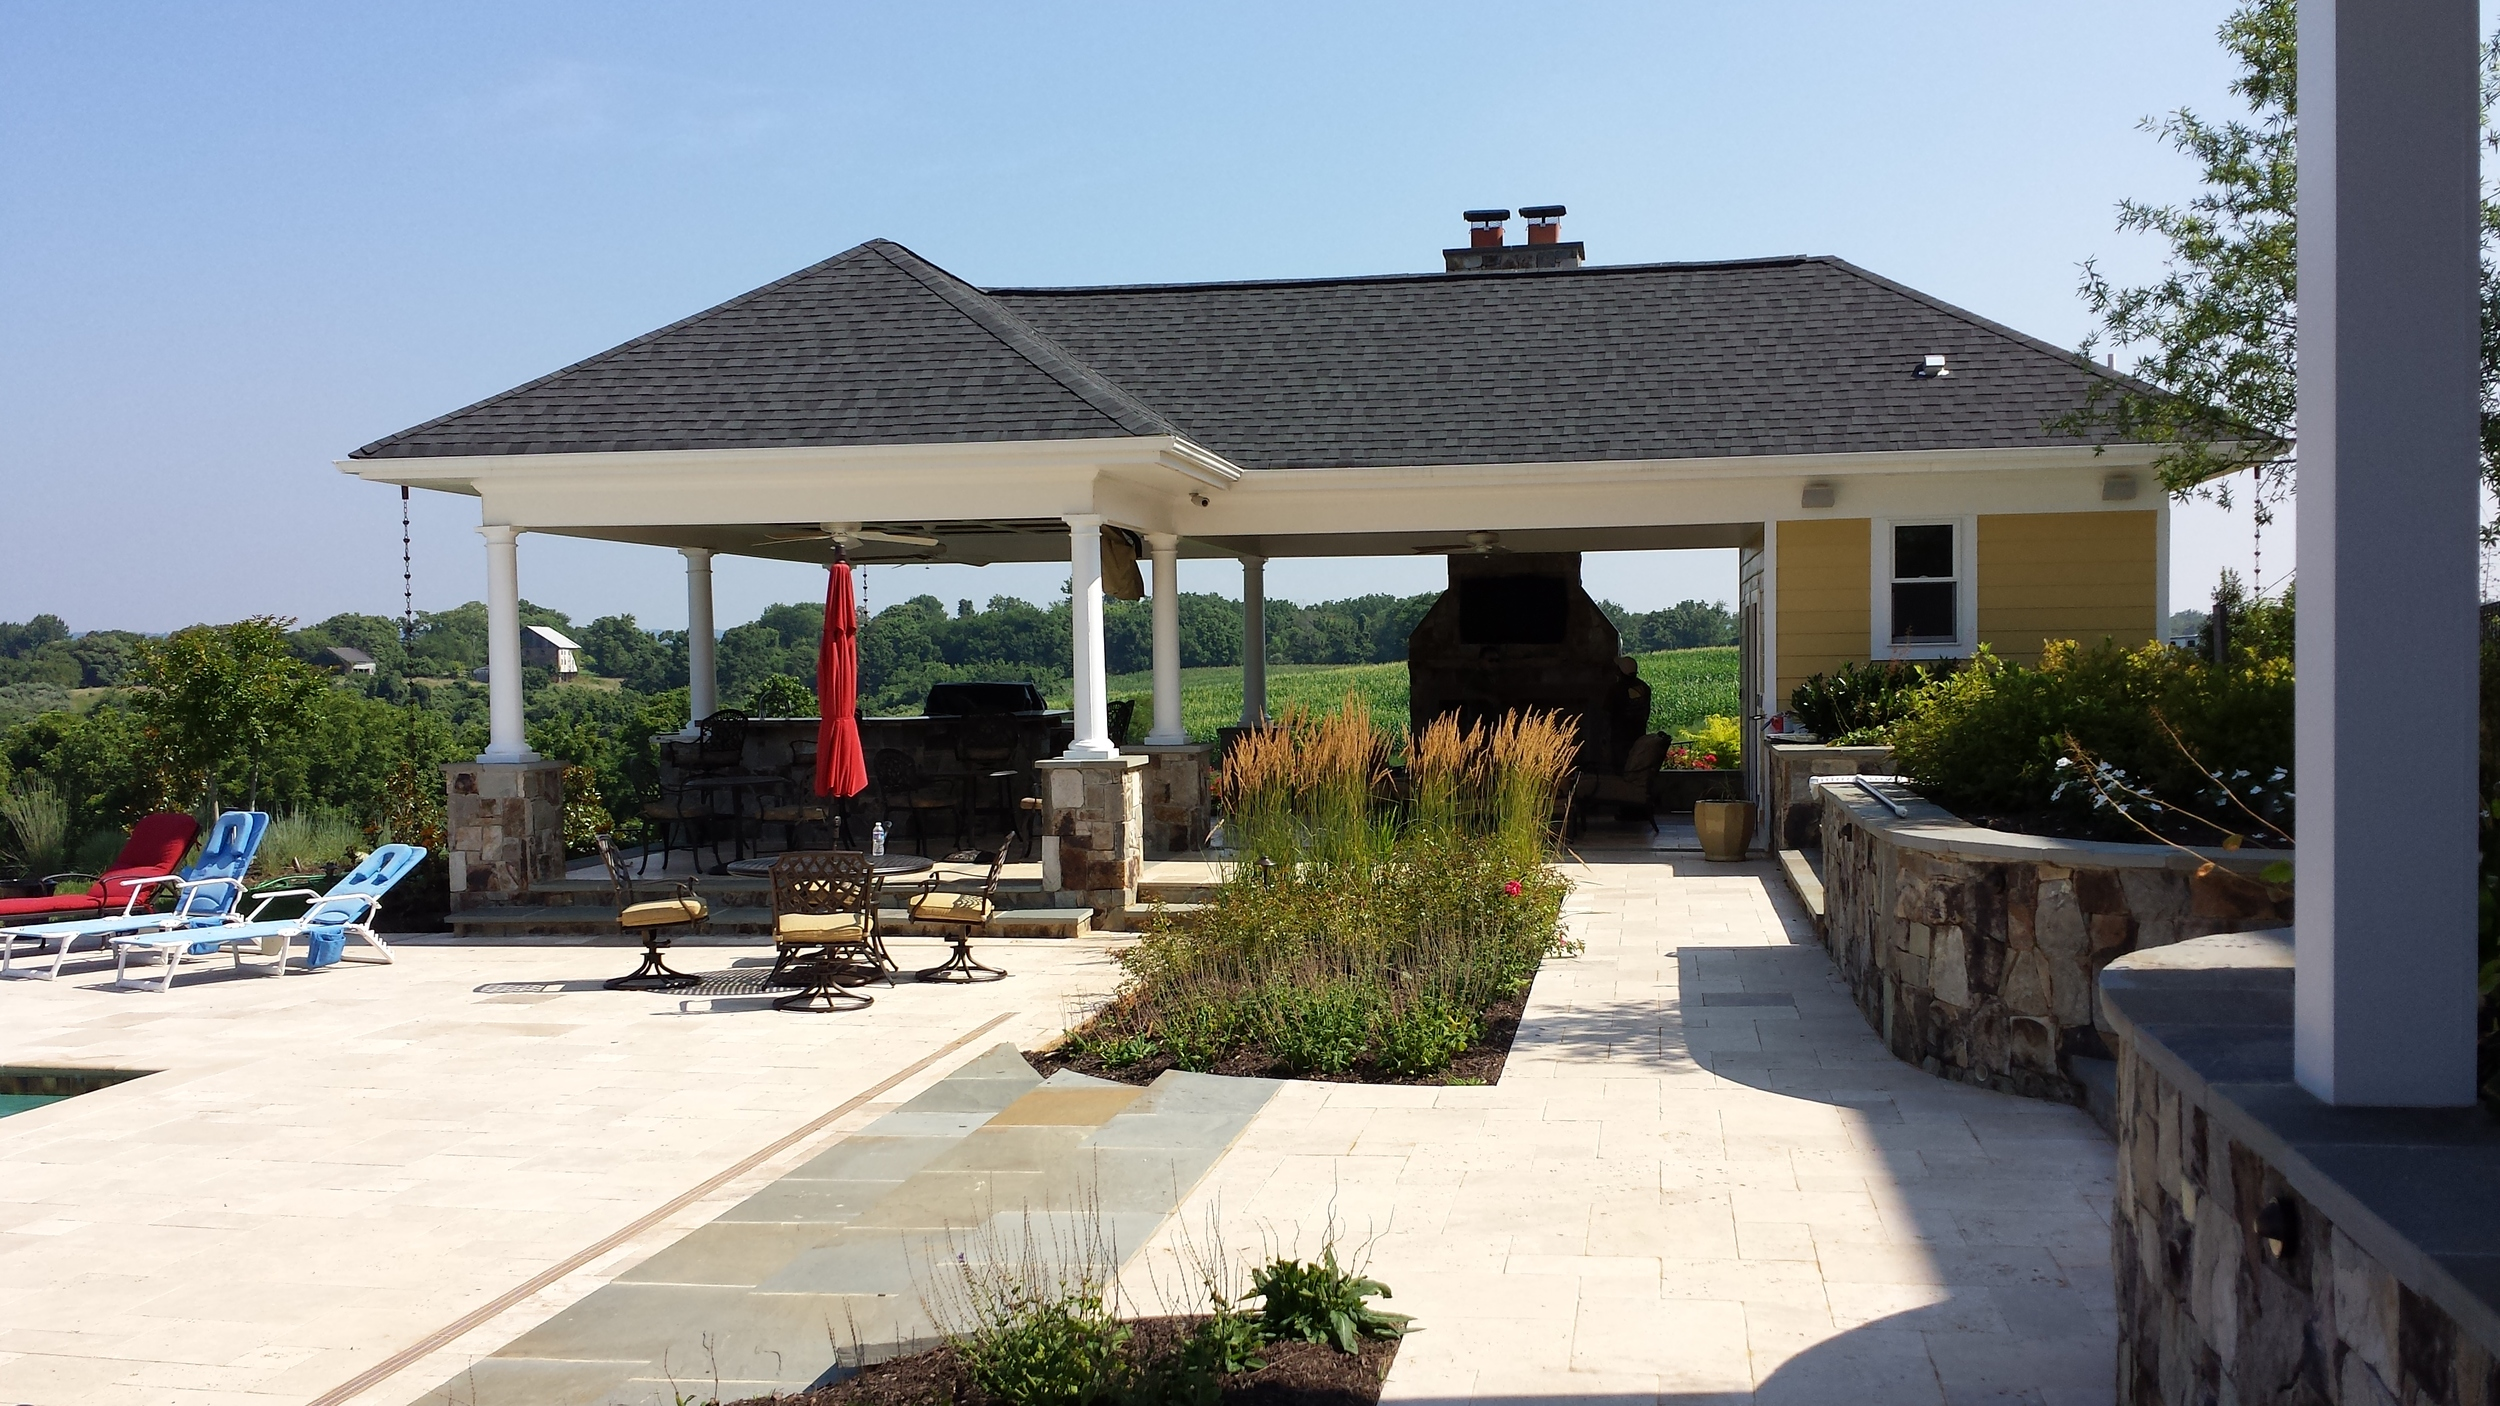 Aldie Residence Pool House & Plantings